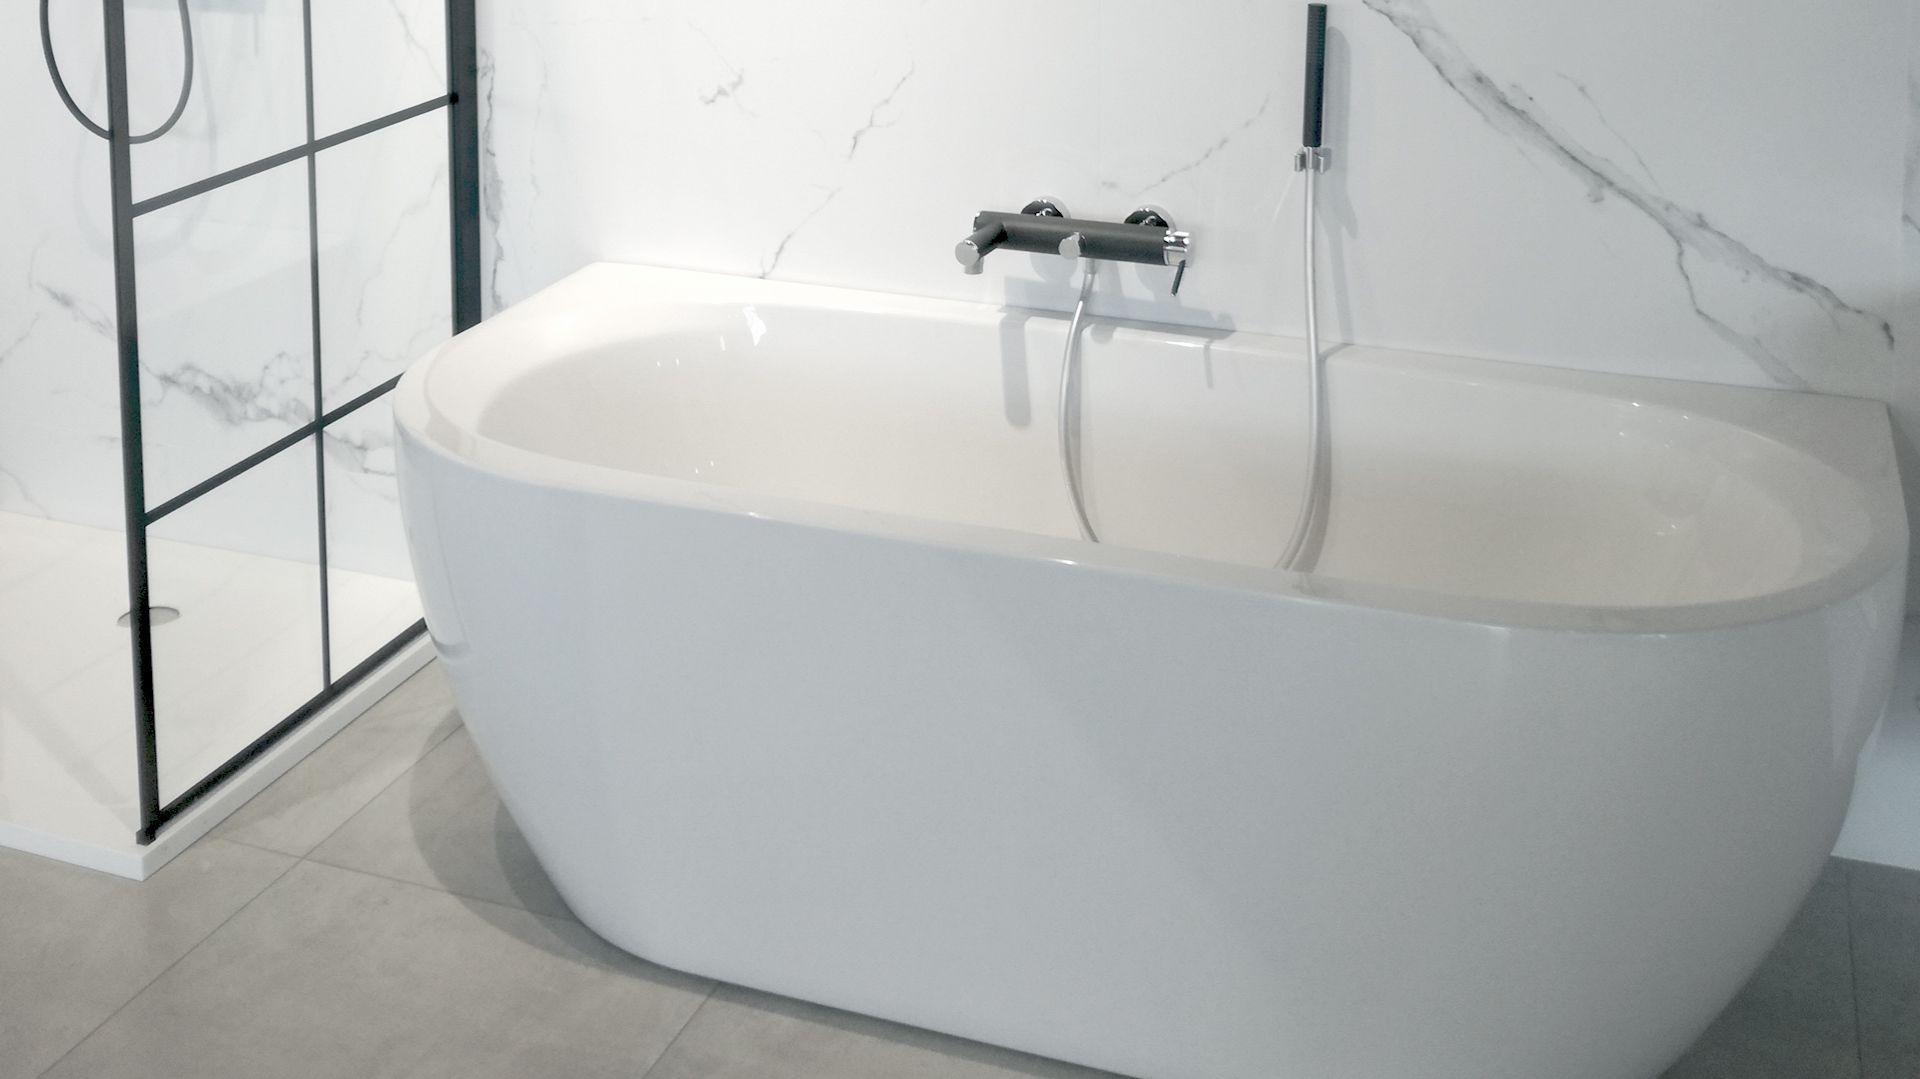 Wanna Przyscienna Monoblock Vigour Derby To Polaczenie Funkcjonalnosci Z Uniwersalnym Wygladem Wiecej Dowiesz Sie Na Https Elements Sh Bathtub Bathroom